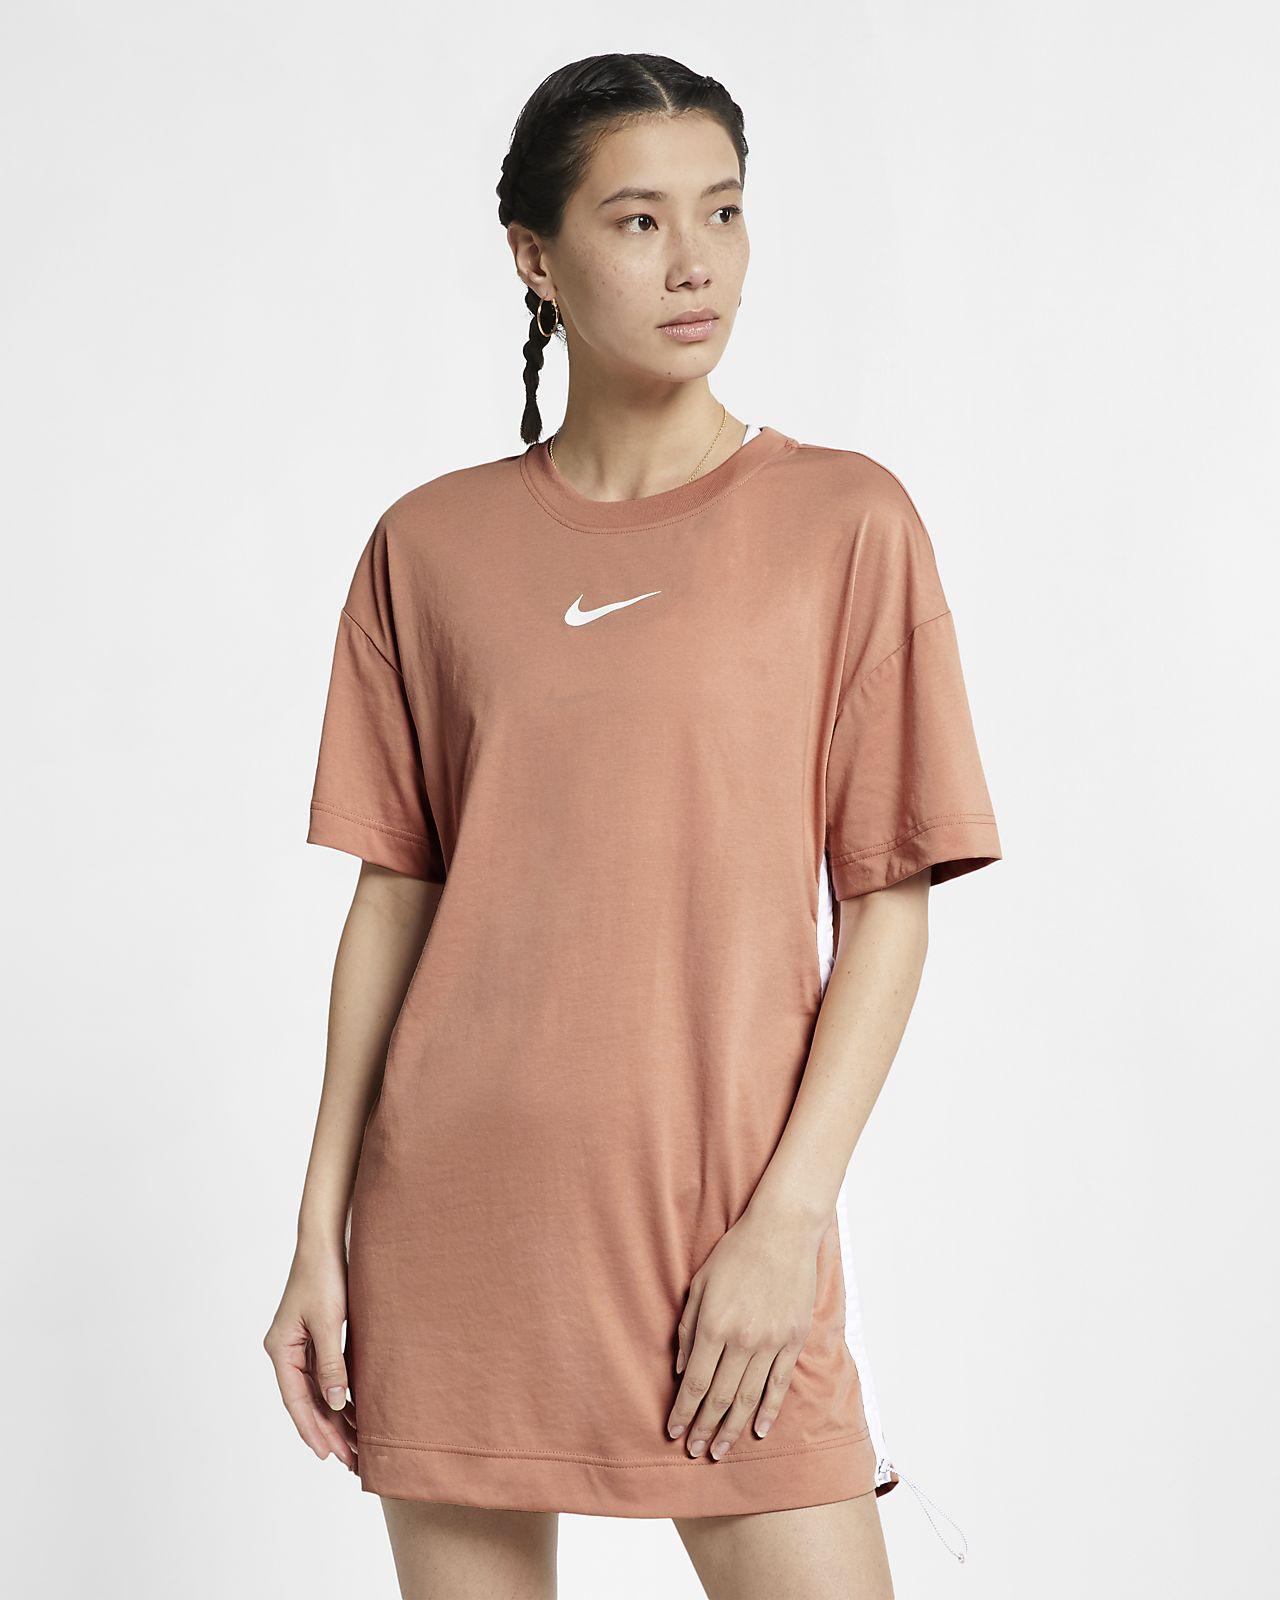 Sportswear Pour Robe FemmeFr Nike Swoosh jL453RqA